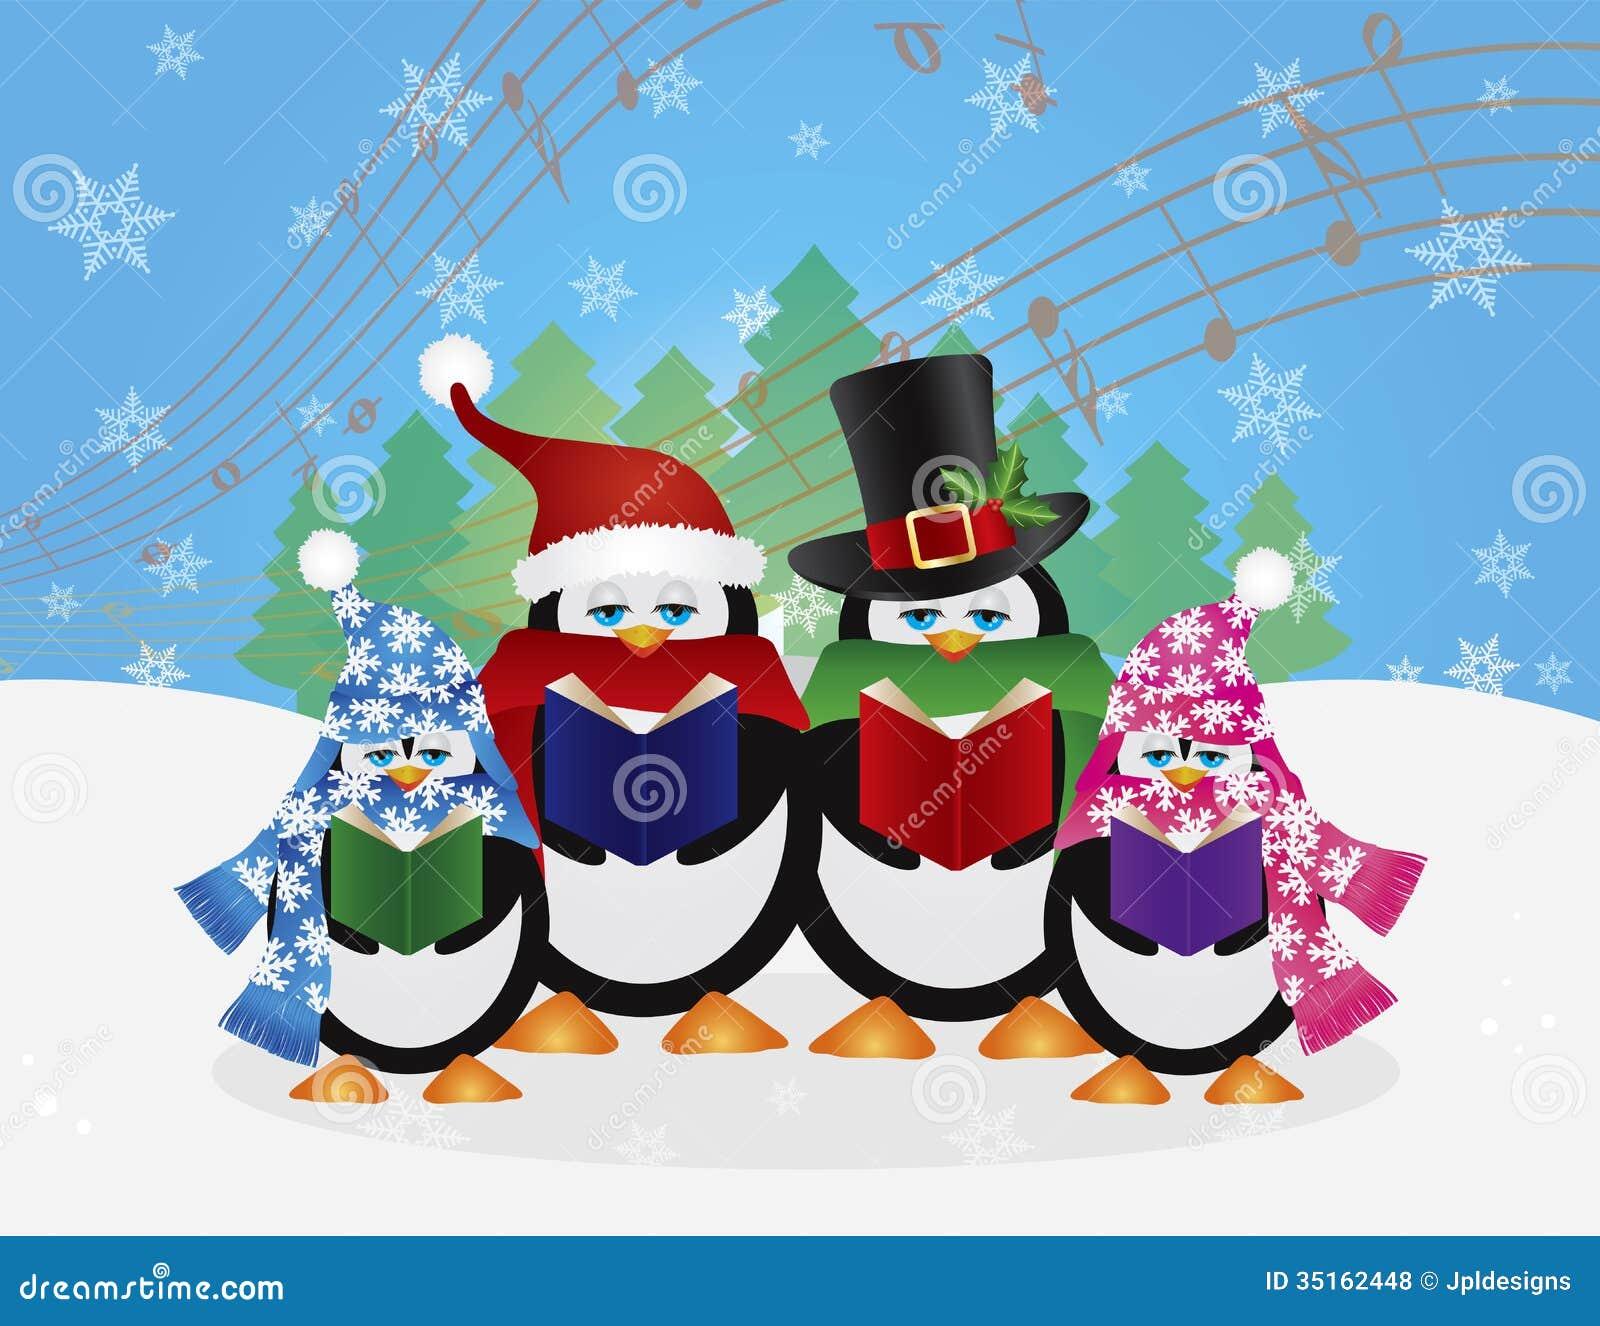 Penguins Christmas Carolers Snow Scene Illustration Stock